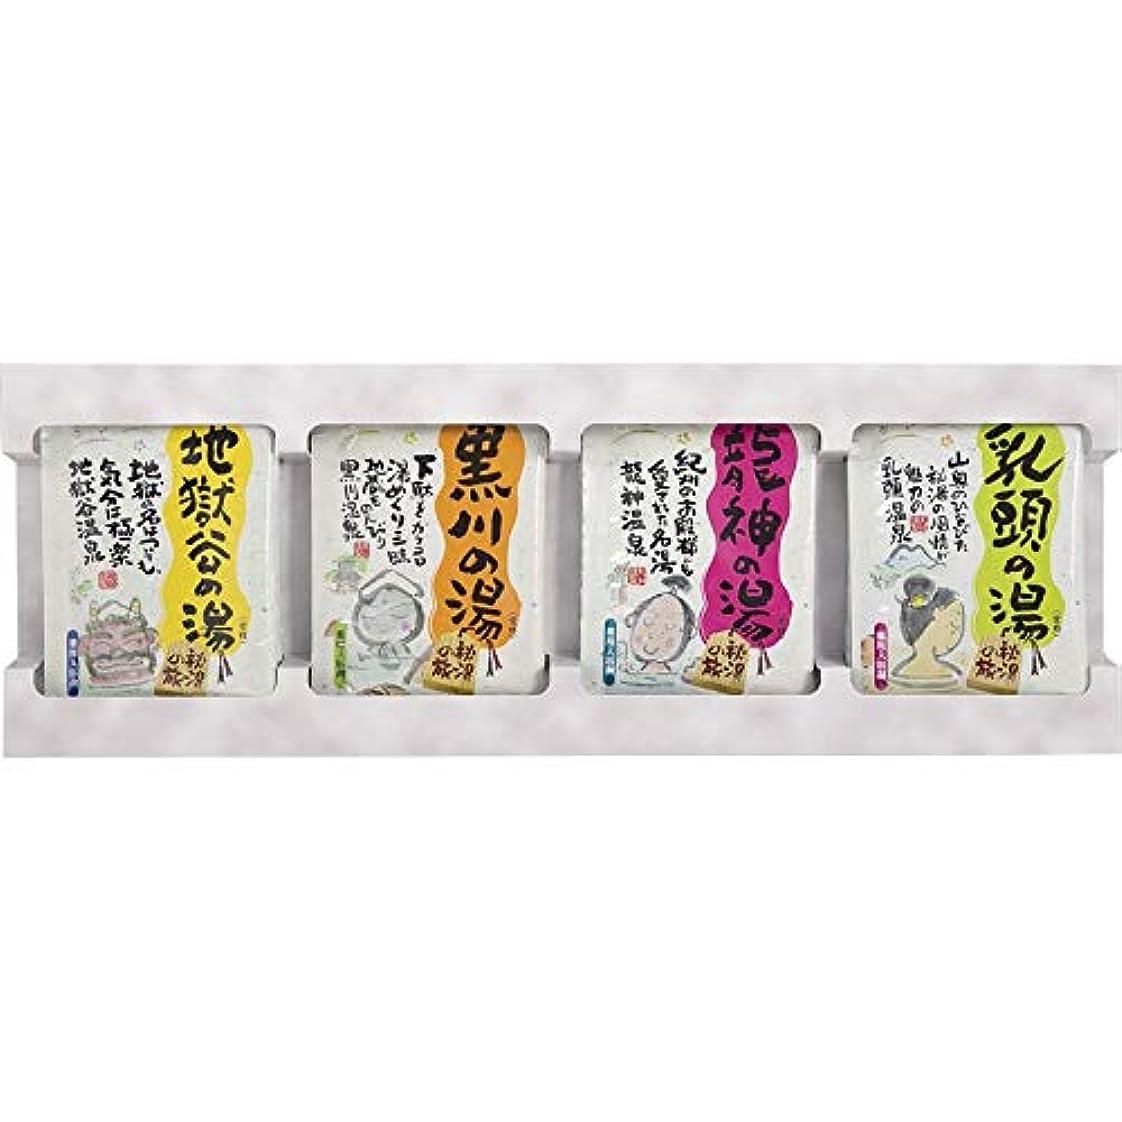 少しパン屋と薬用入浴剤秘湯の旅10P PH-10P 【やくようにゅうよくざい ひとうのたび 日本製 国産 せっと セット 10包 】